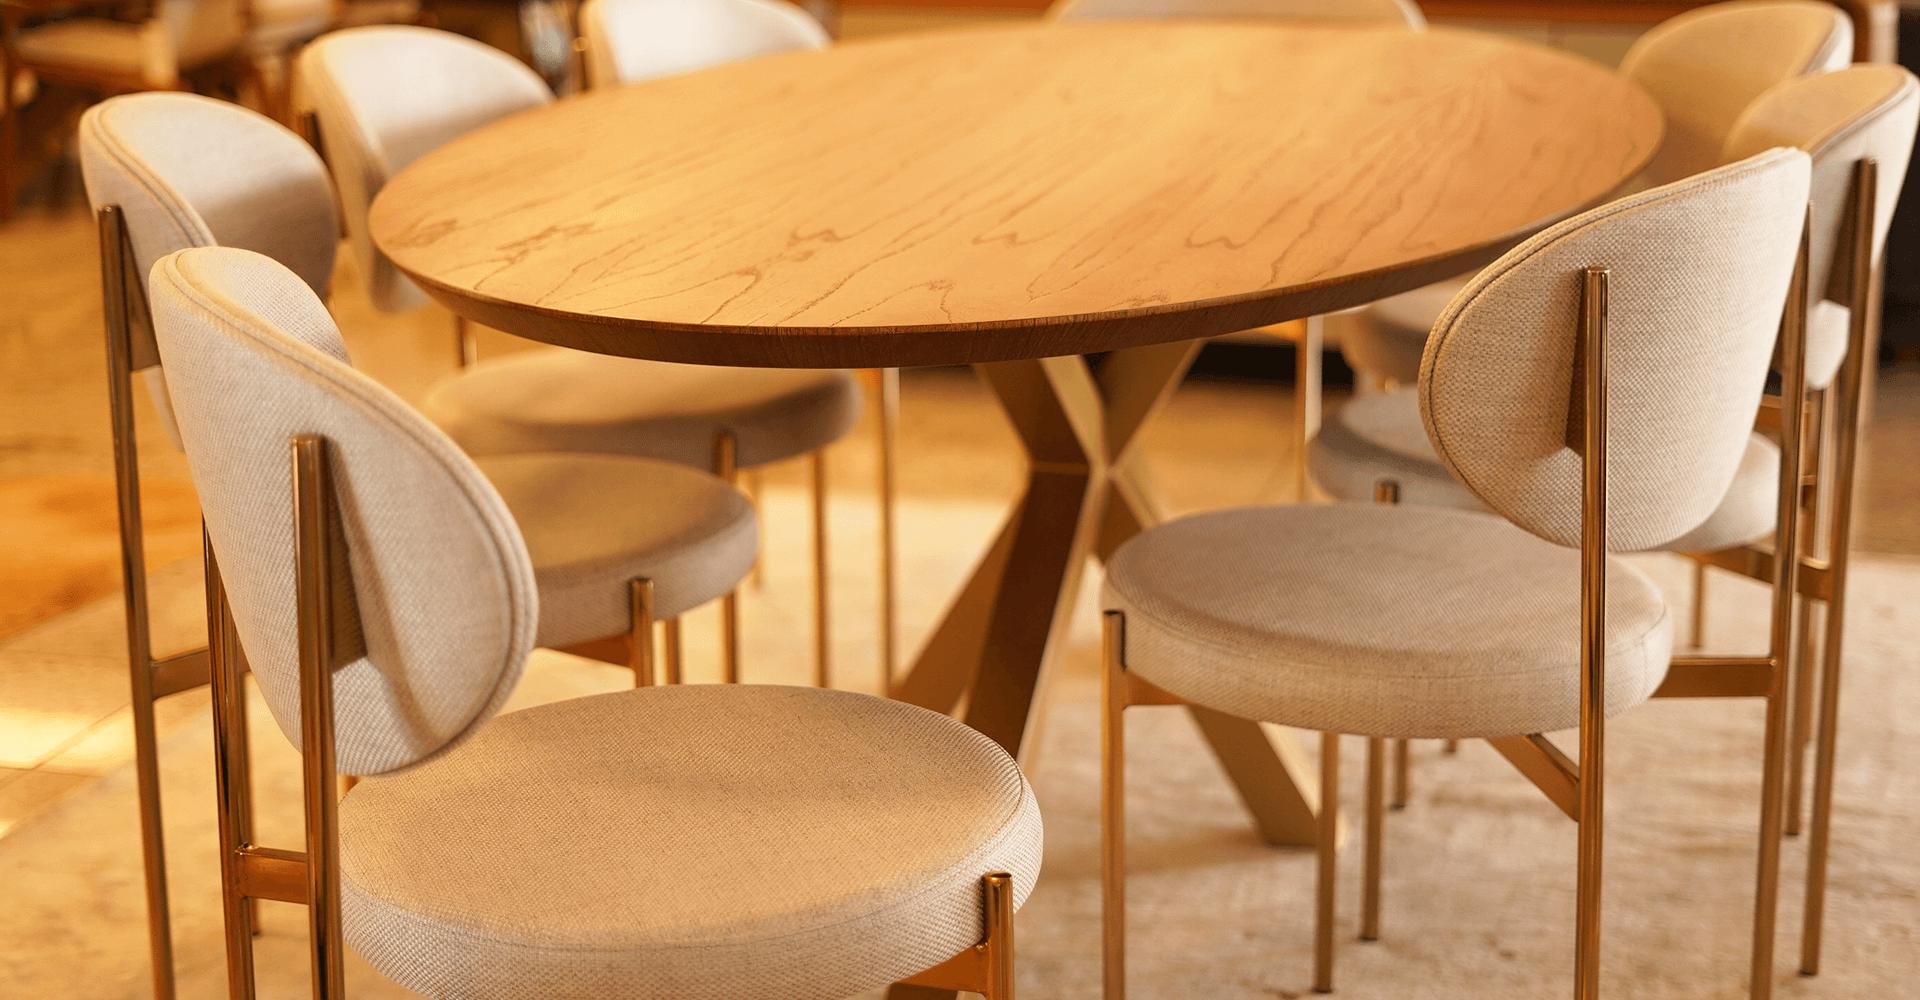 Friagem Bebedouros – Bebedouro Industrial | Cenário Móveis - A loja mais completa em móveis finos e de luxo em Goiânia e Brasília